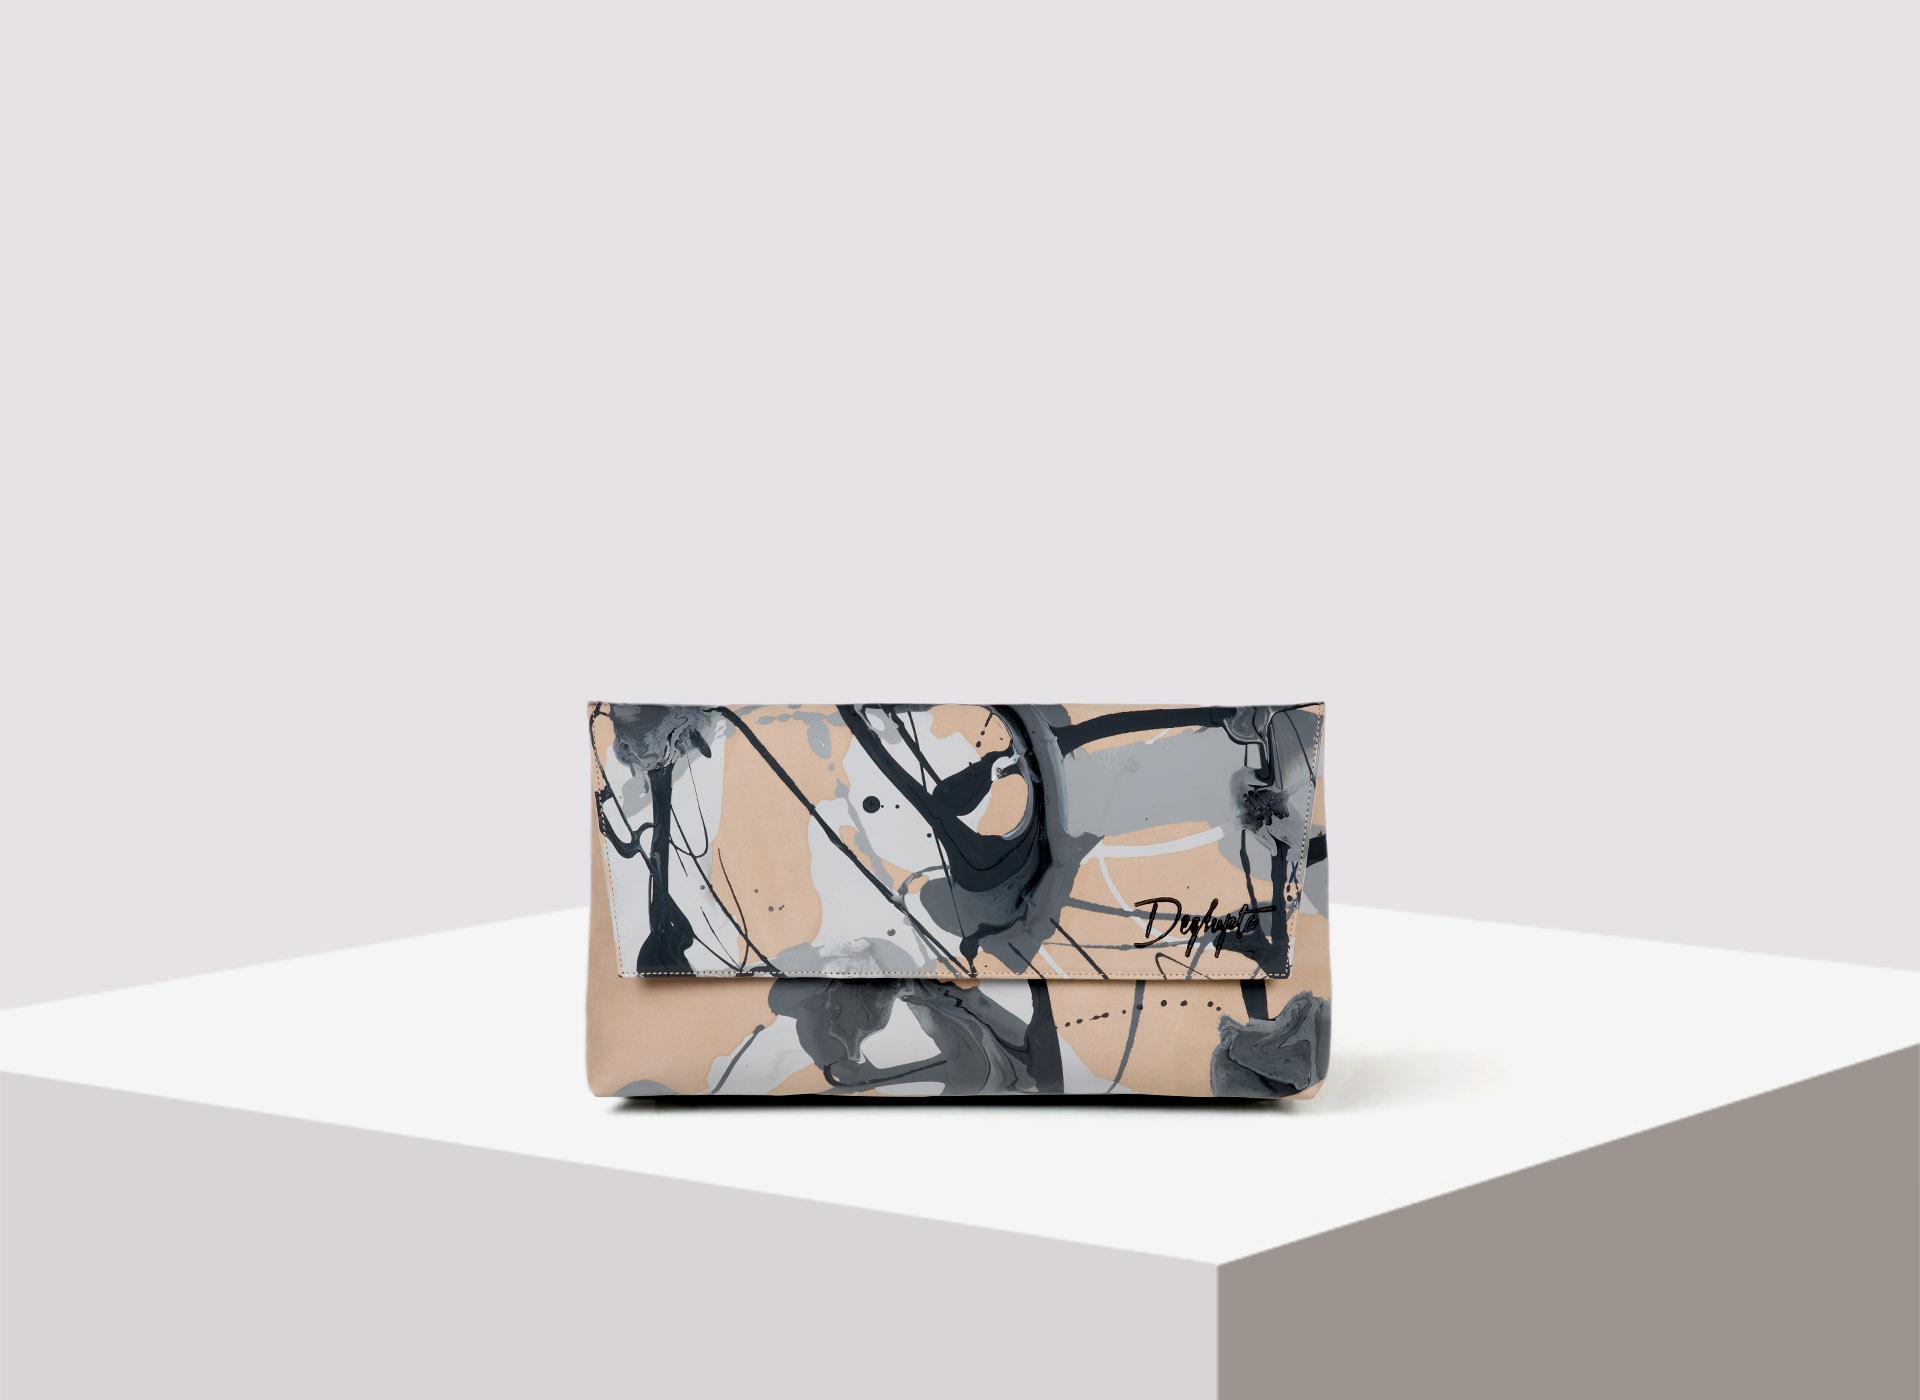 Bonsai 40150406 - Deglupta